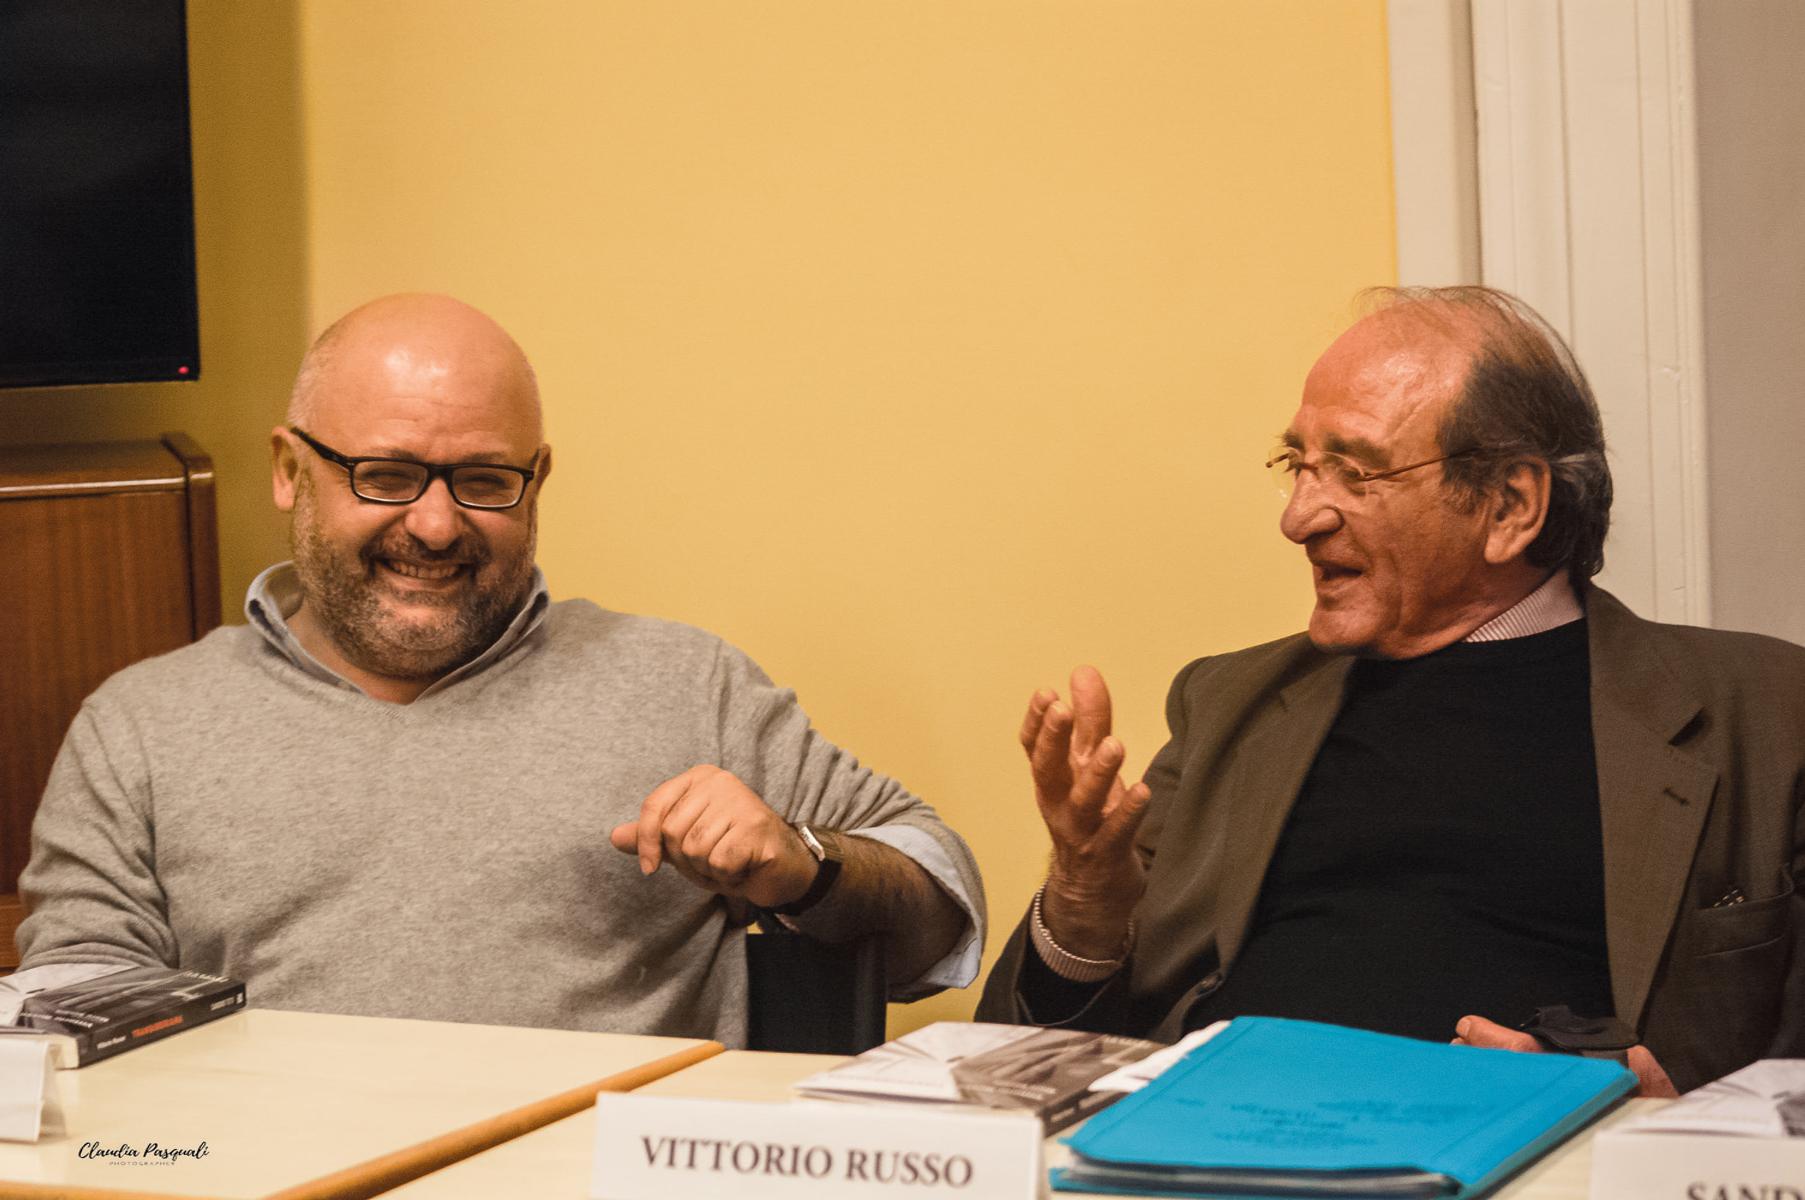 Presentazione del libro Transiberiana di Vittorio Russo. Leonardo Fredduzzi e Vittorio Russo